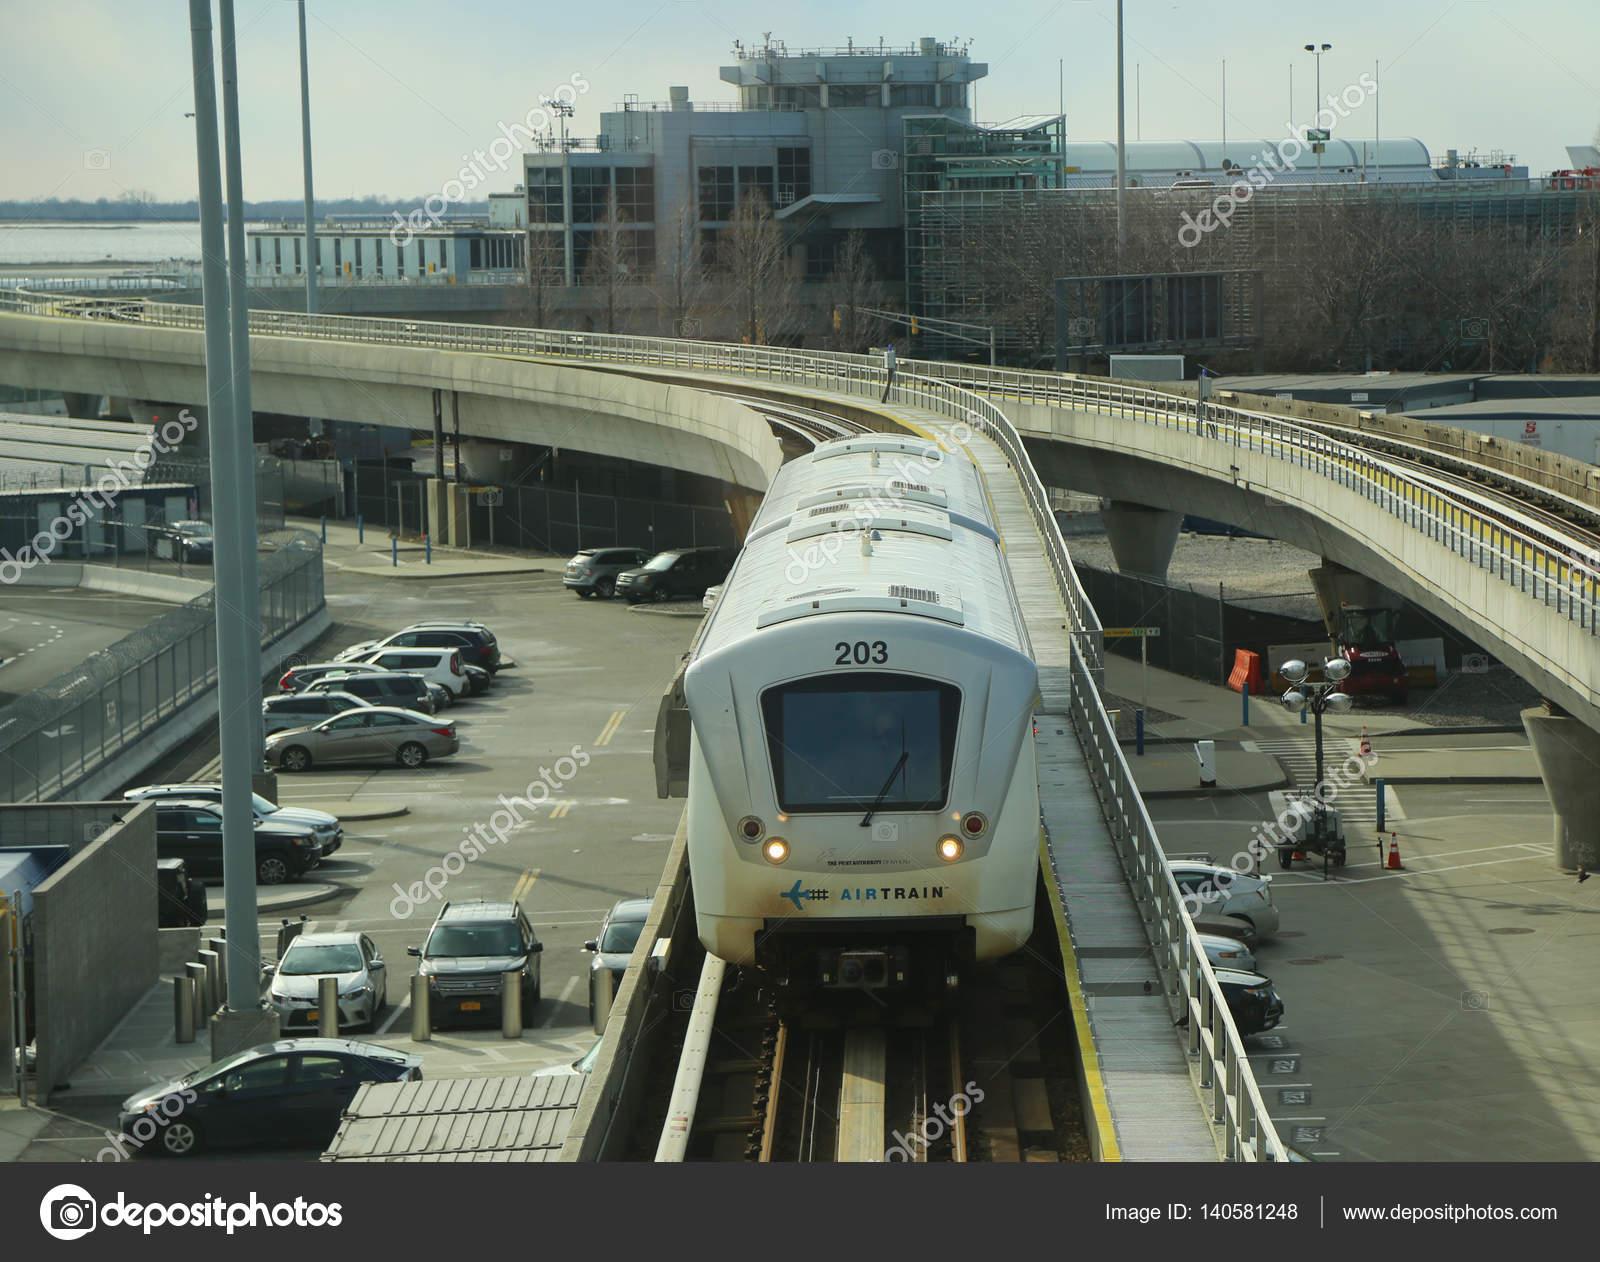 Aeroporto Jfk : Jfk airport airtrain chega ao delta airline terminal 4 no aeroporto